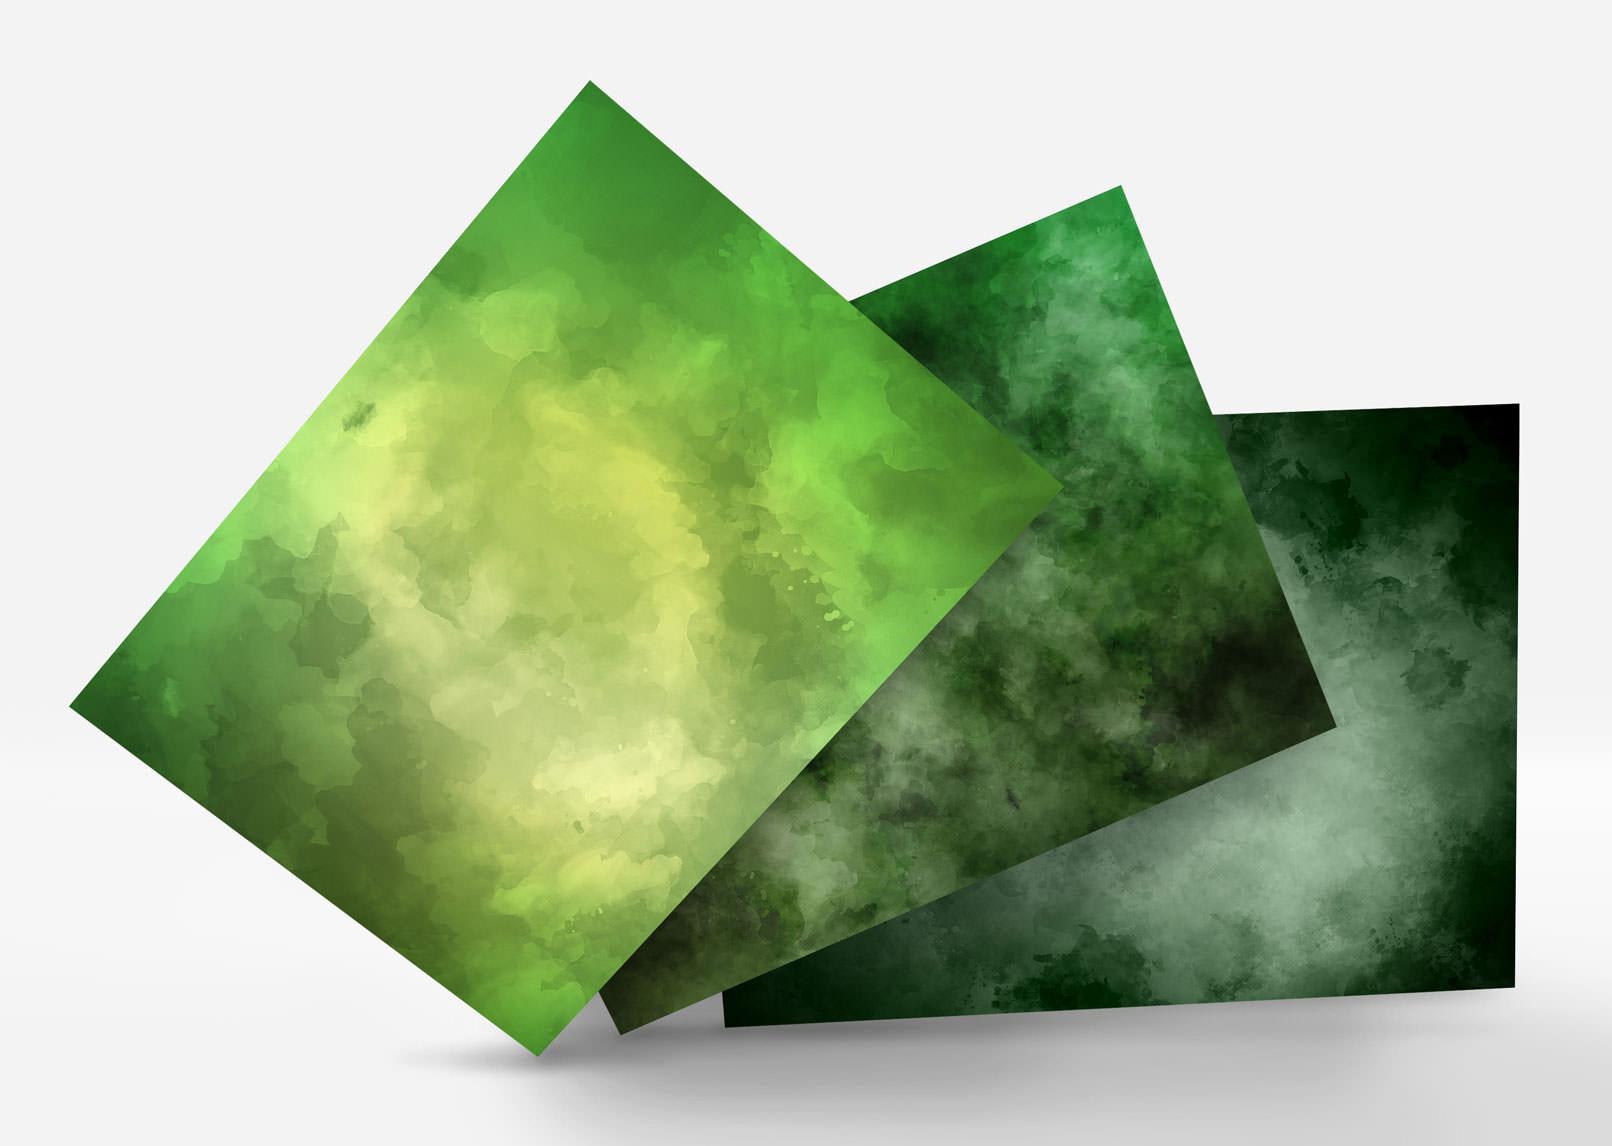 Aquarell-Hintergrund-Varianten in Grün